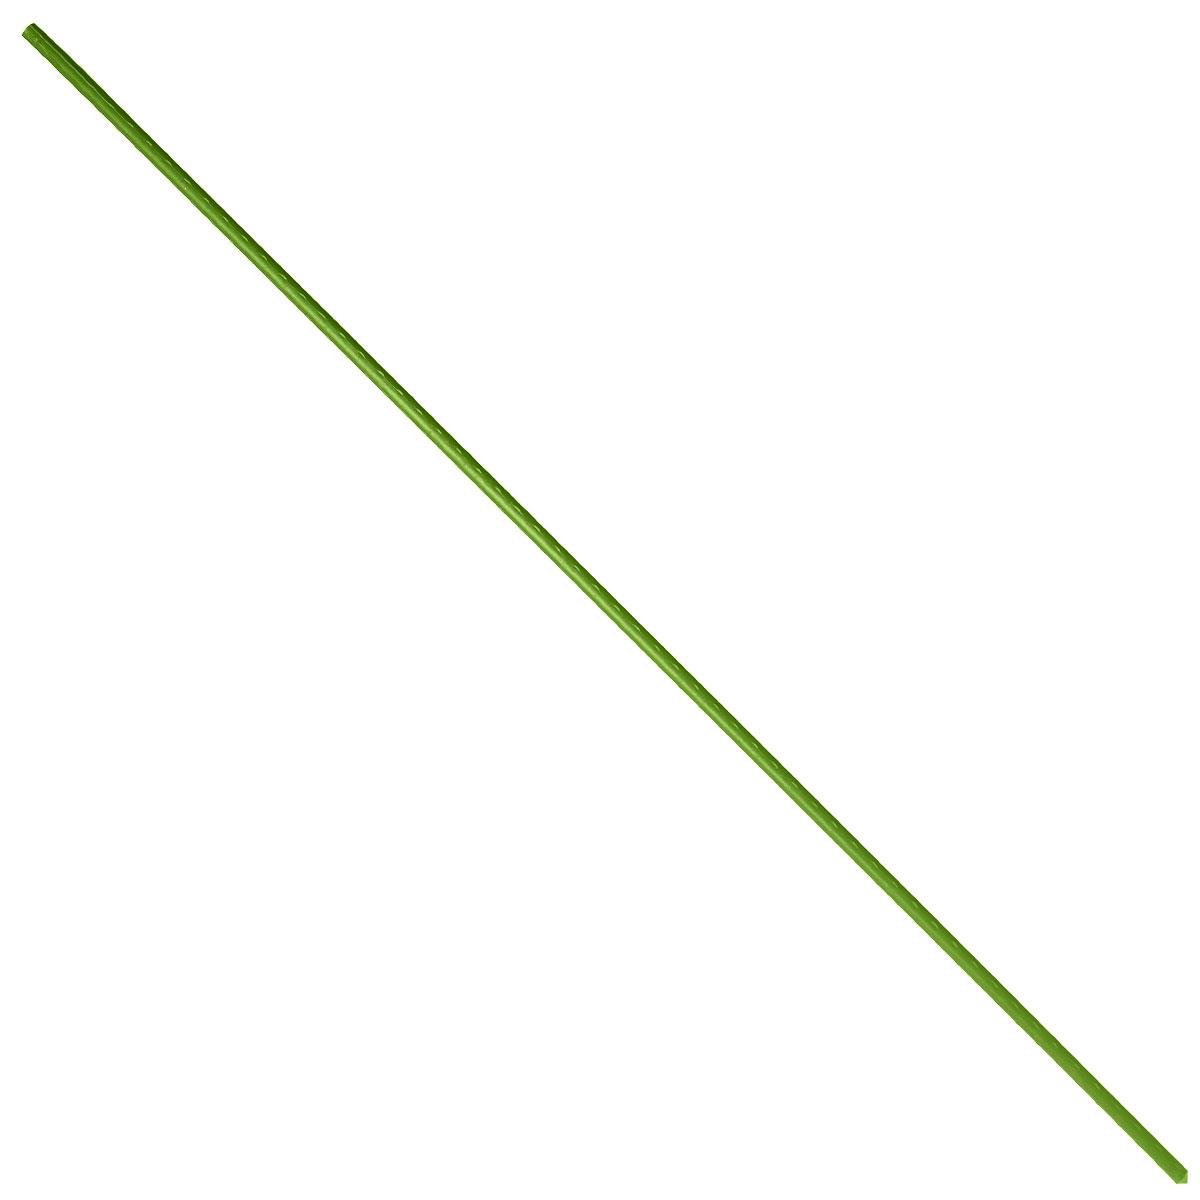 Опора для растений Green Apple, цвет: зеленый, диаметр 0,8 см, длина 60 см, 5 штGCSP-8-60Опора для растений Green Apple выполнена из высококачественного металла, покрытого цветным пластиком. В наборе 5 опор, выполненных в виде ствола растения с шипами. Такие опоры широко используются для поддержки декоративных садовых и комнатных растений. Также могут применятся для поддержки вьющихся растений в парниках. Длина опоры: 60 см. Диаметр опоры: 0,8 см. Комплектация: 5 шт.